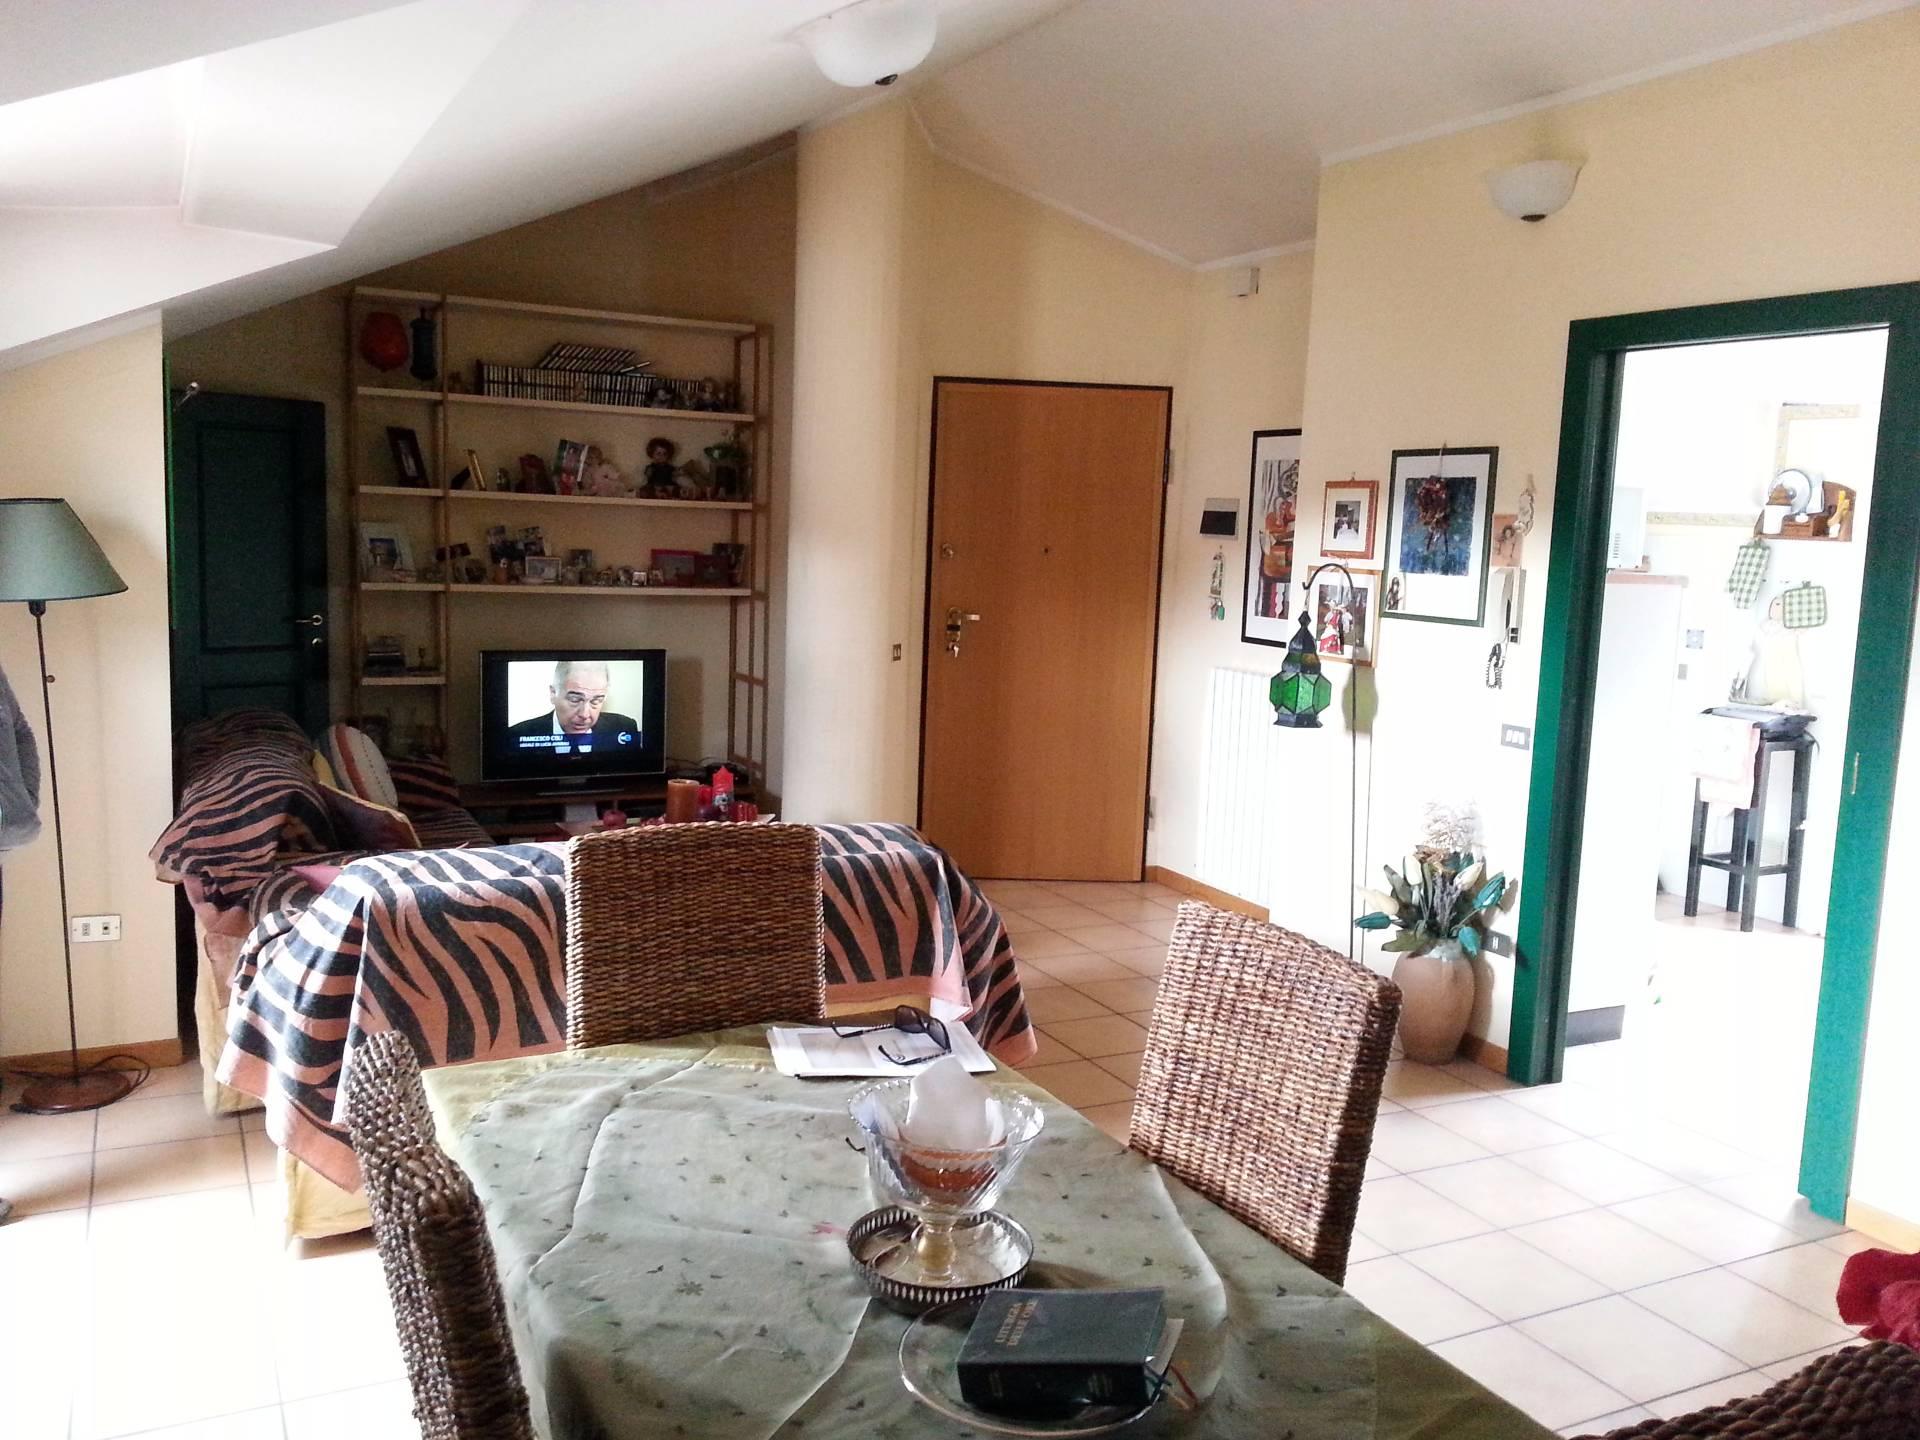 Attico / Mansarda in vendita a Teramo, 4 locali, zona Località: Primaperiferia, prezzo € 130.000   Cambio Casa.it